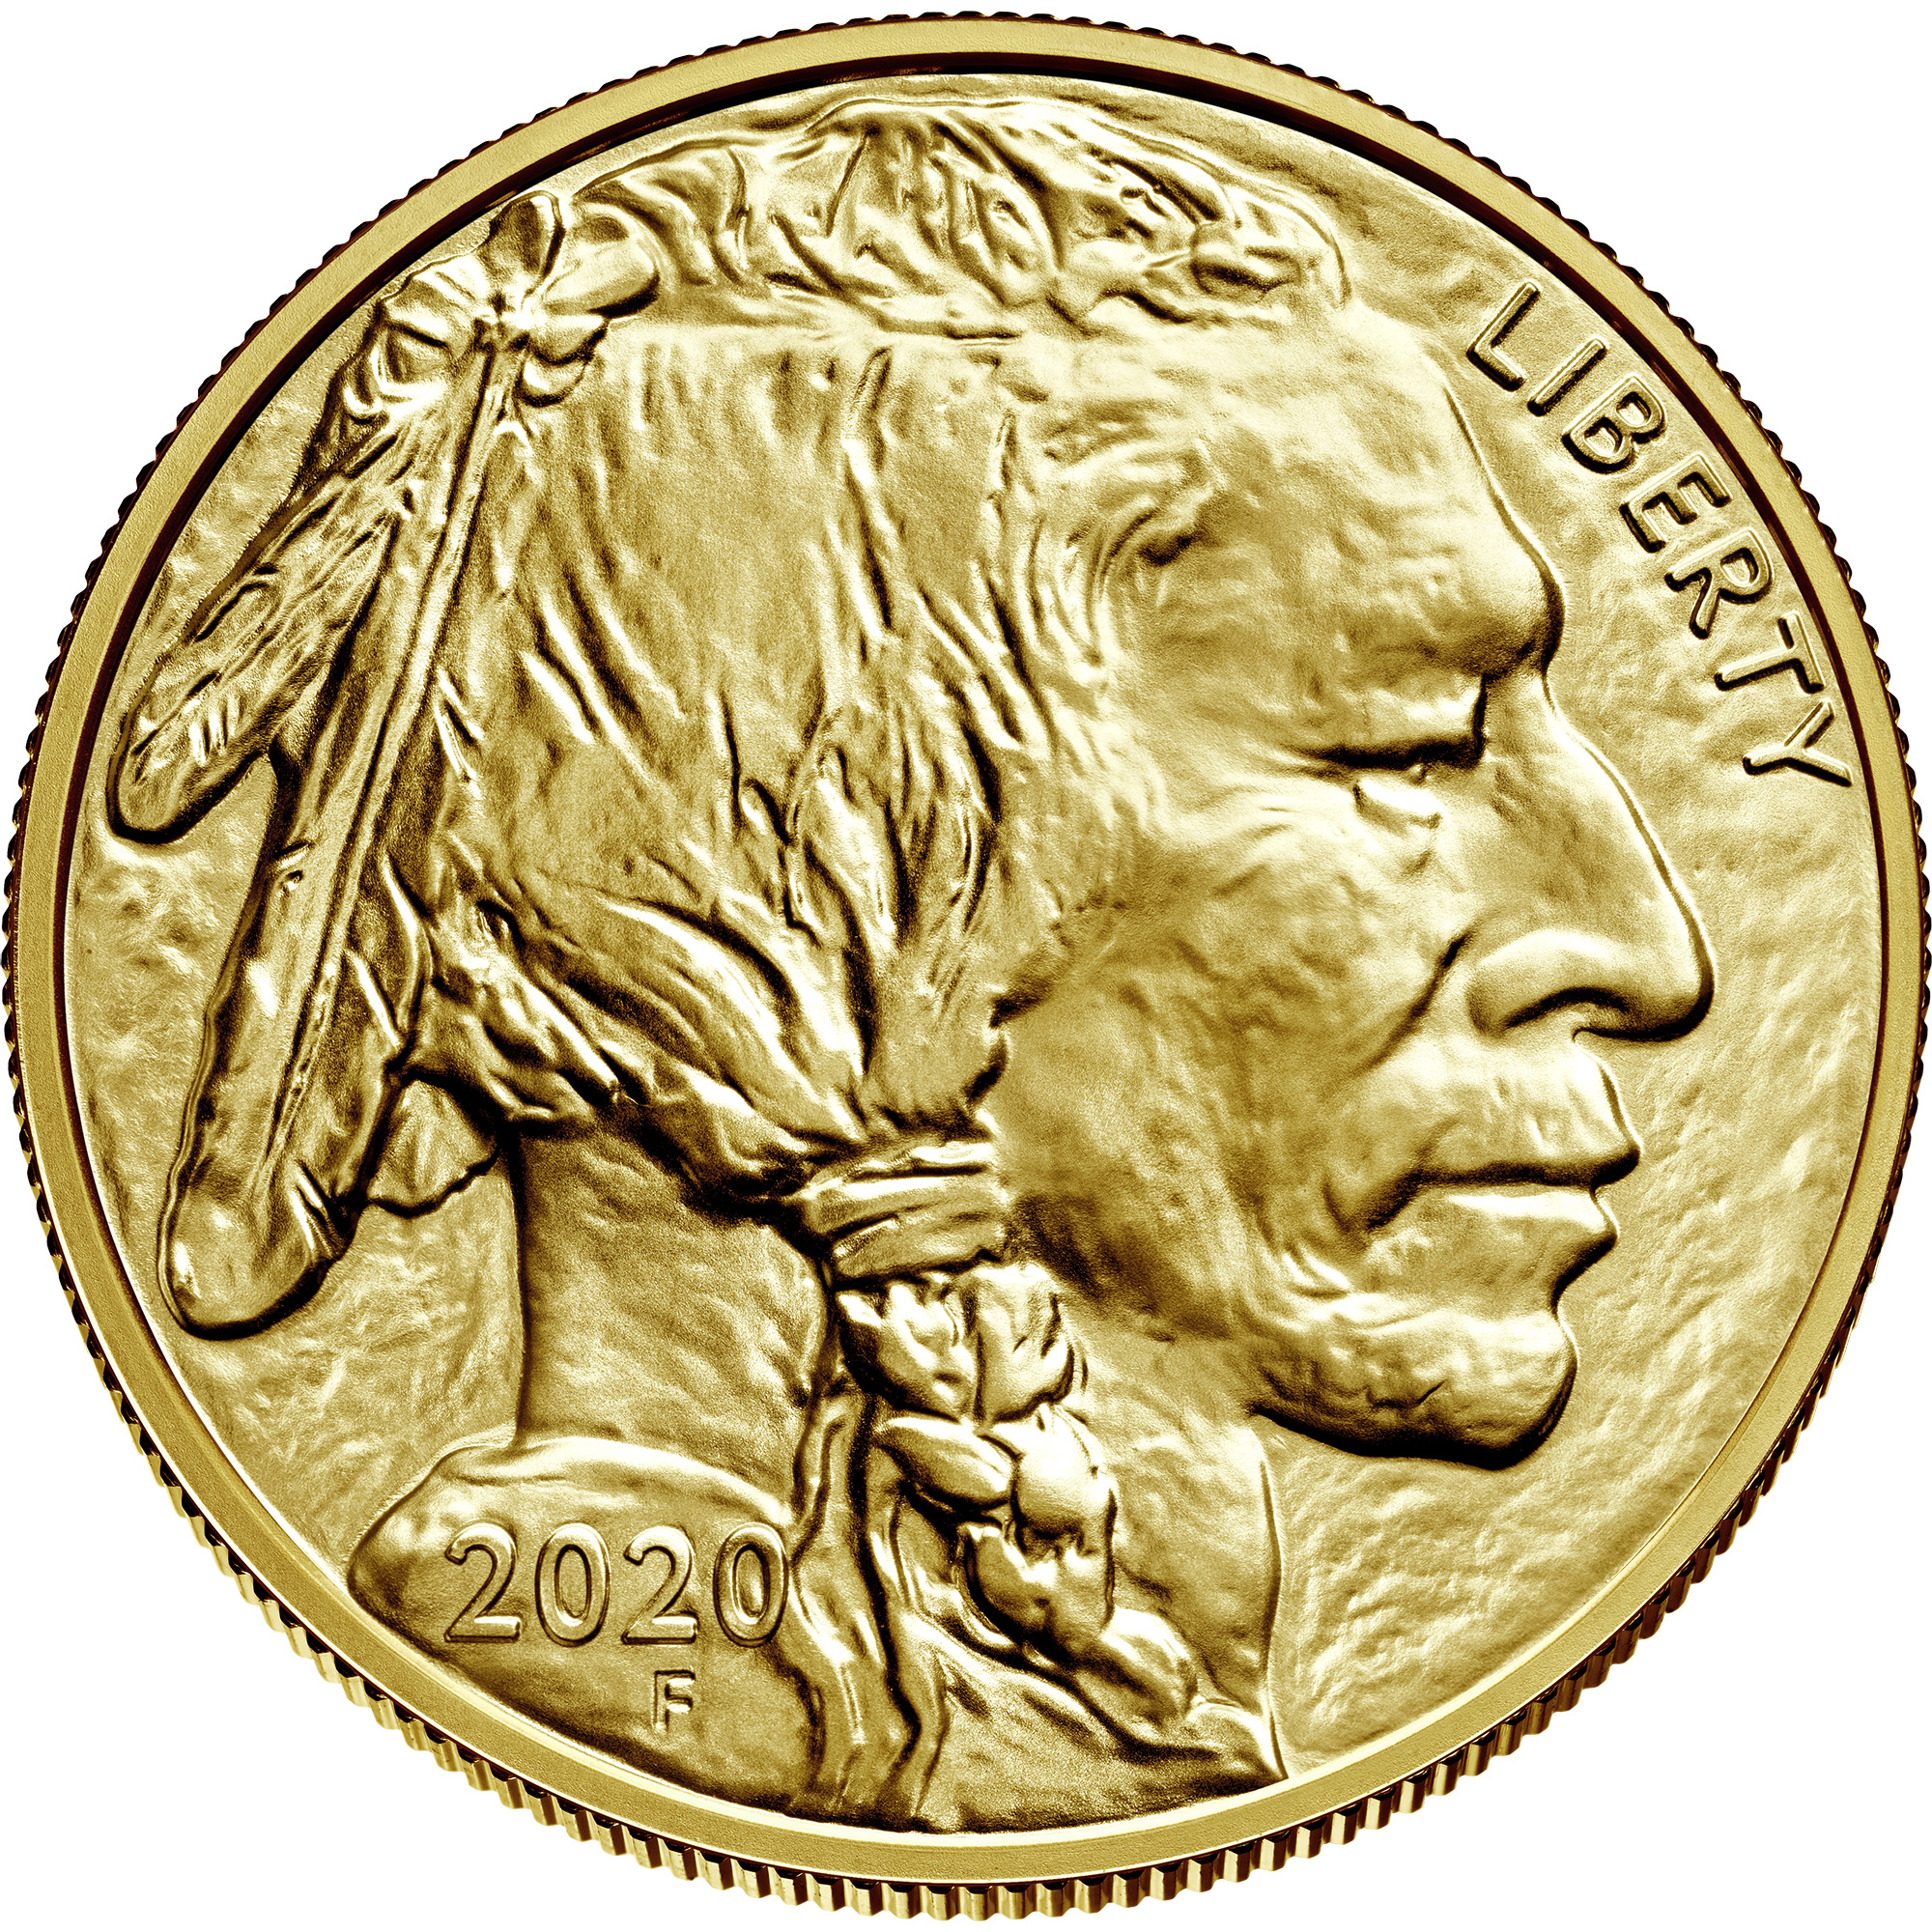 2020 American Buffalo Gold Coin S